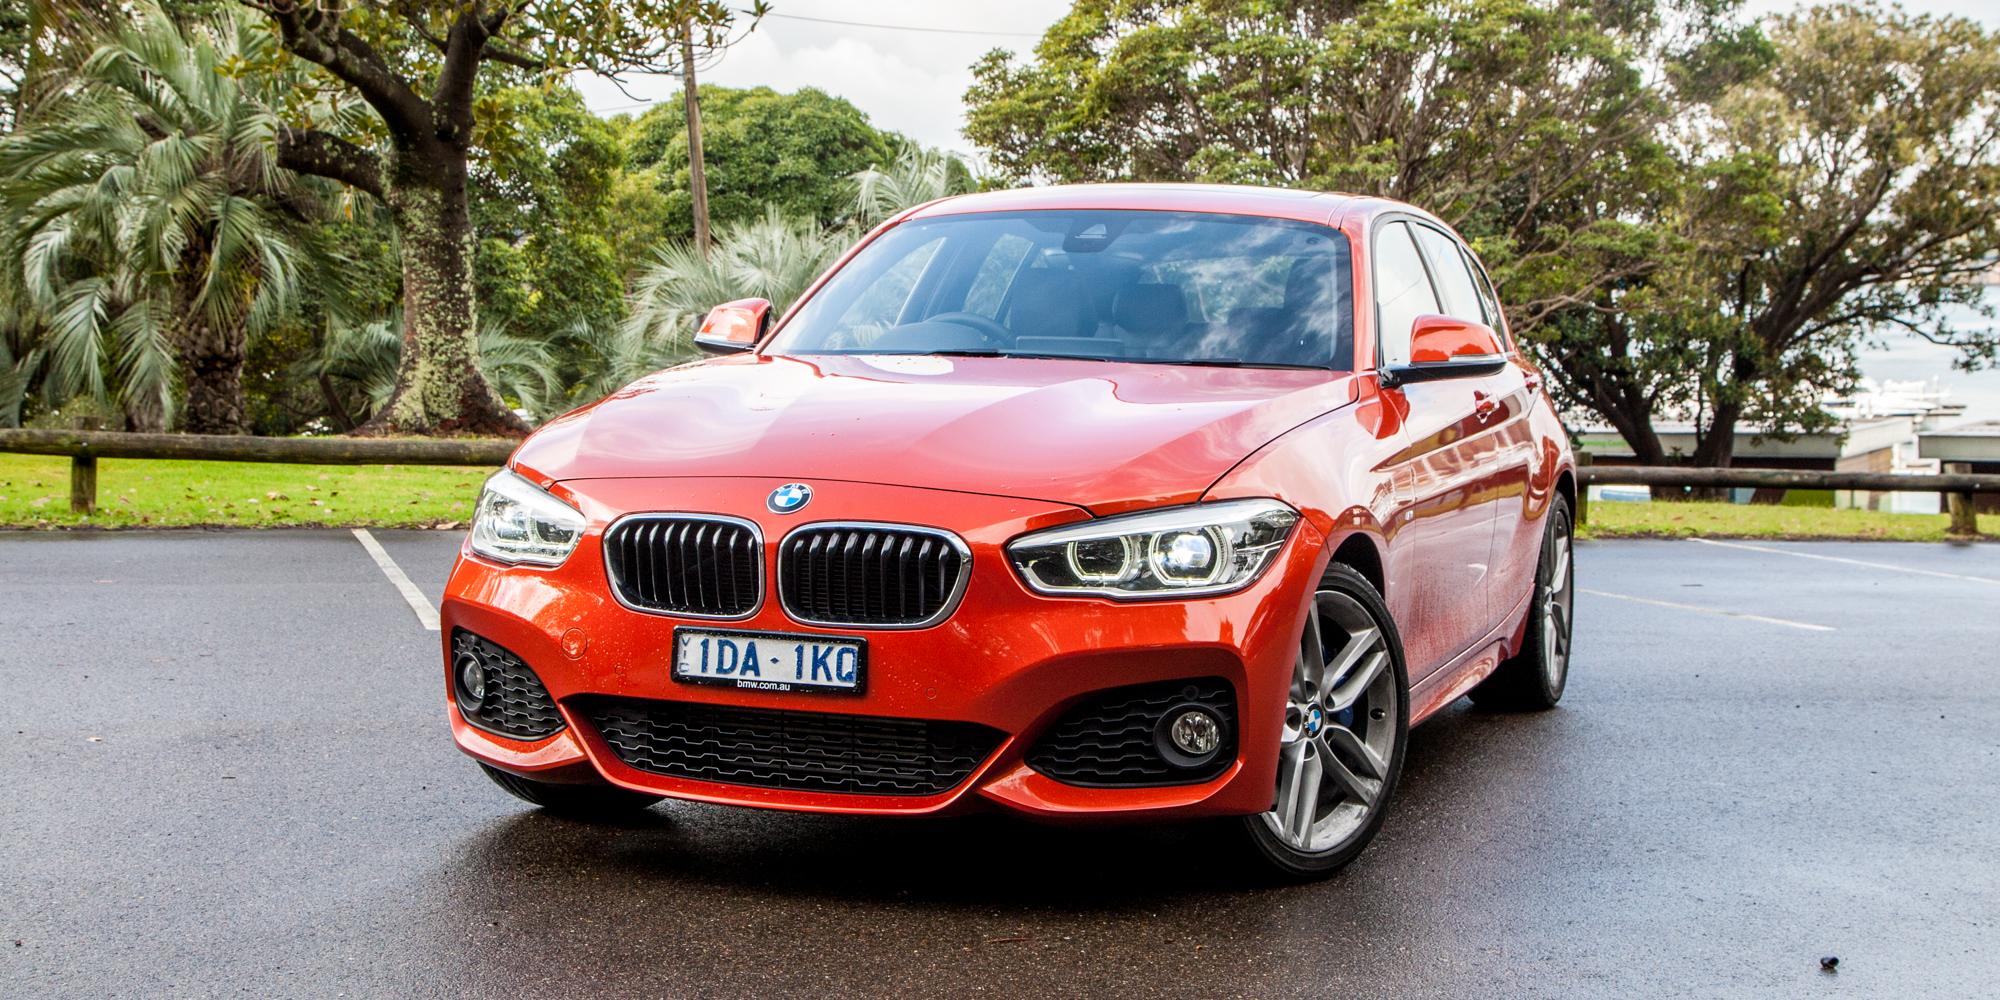 2015 BMW 125i Front